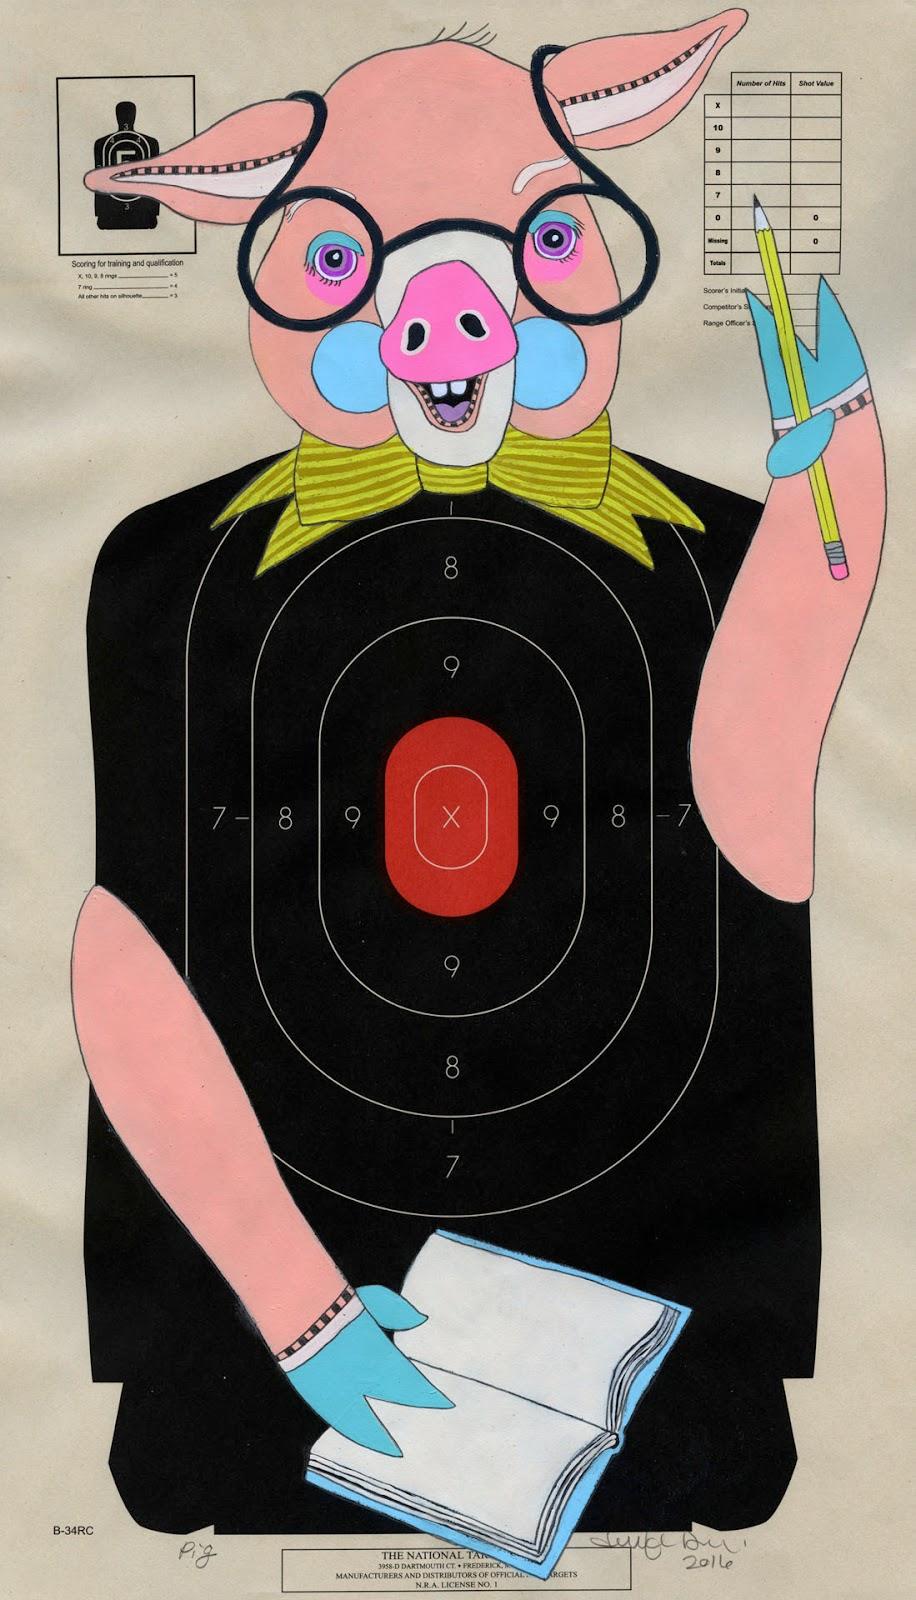 Benchrest shooting